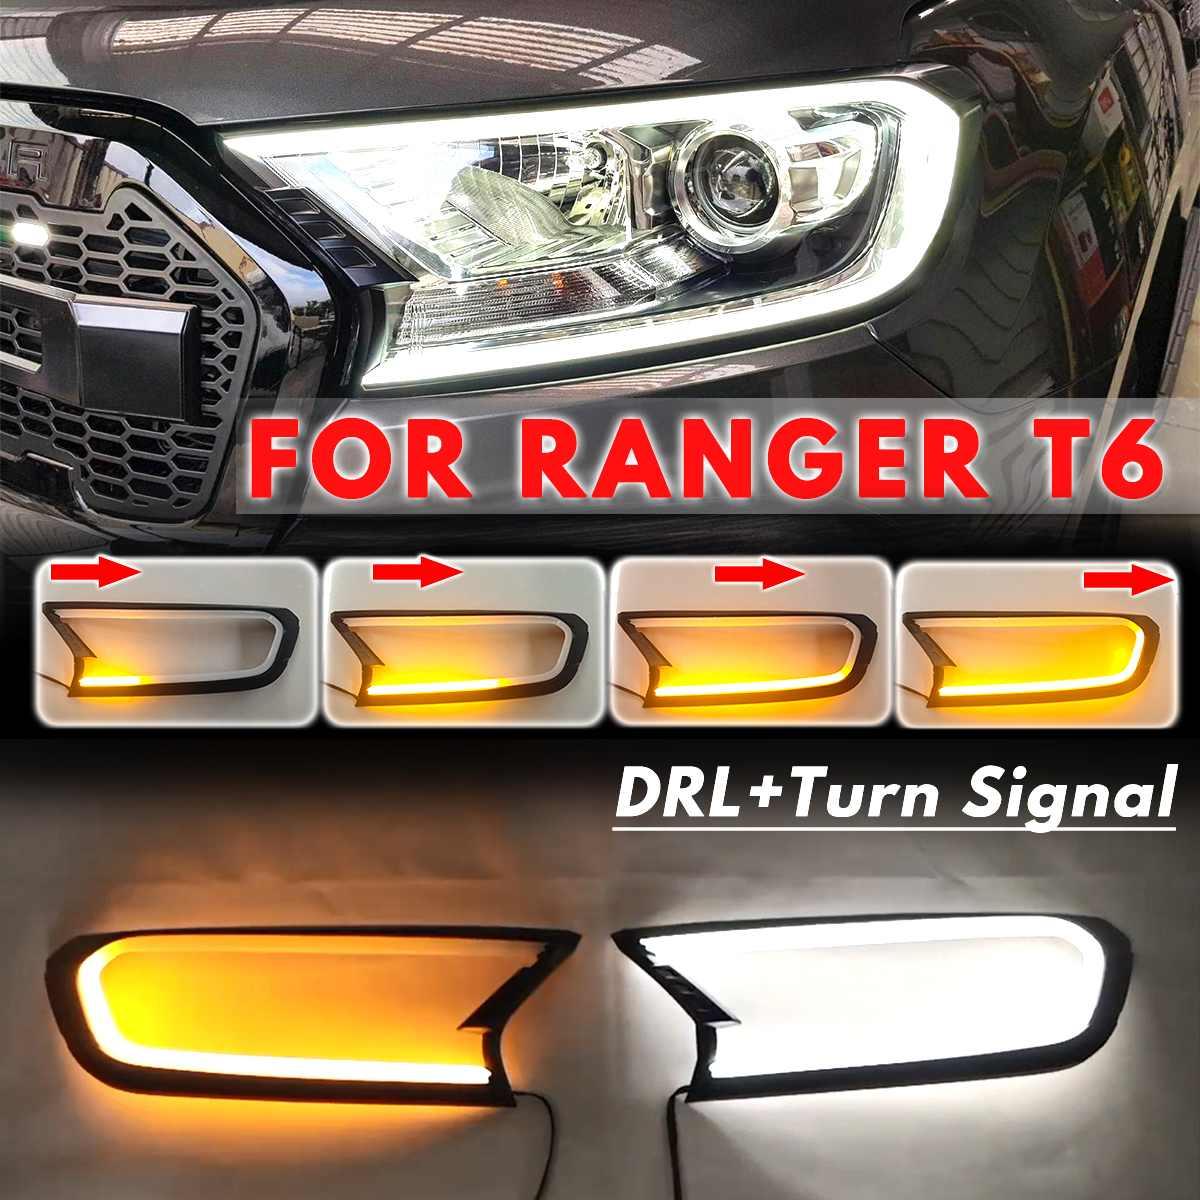 3 نمط 2x LED رئيس ضوء الجبهة شل غطاء الكسوة لفورد رينجر T6 ويلدتراك 2015 2016 2017 2018 ABS مصباح اغطية